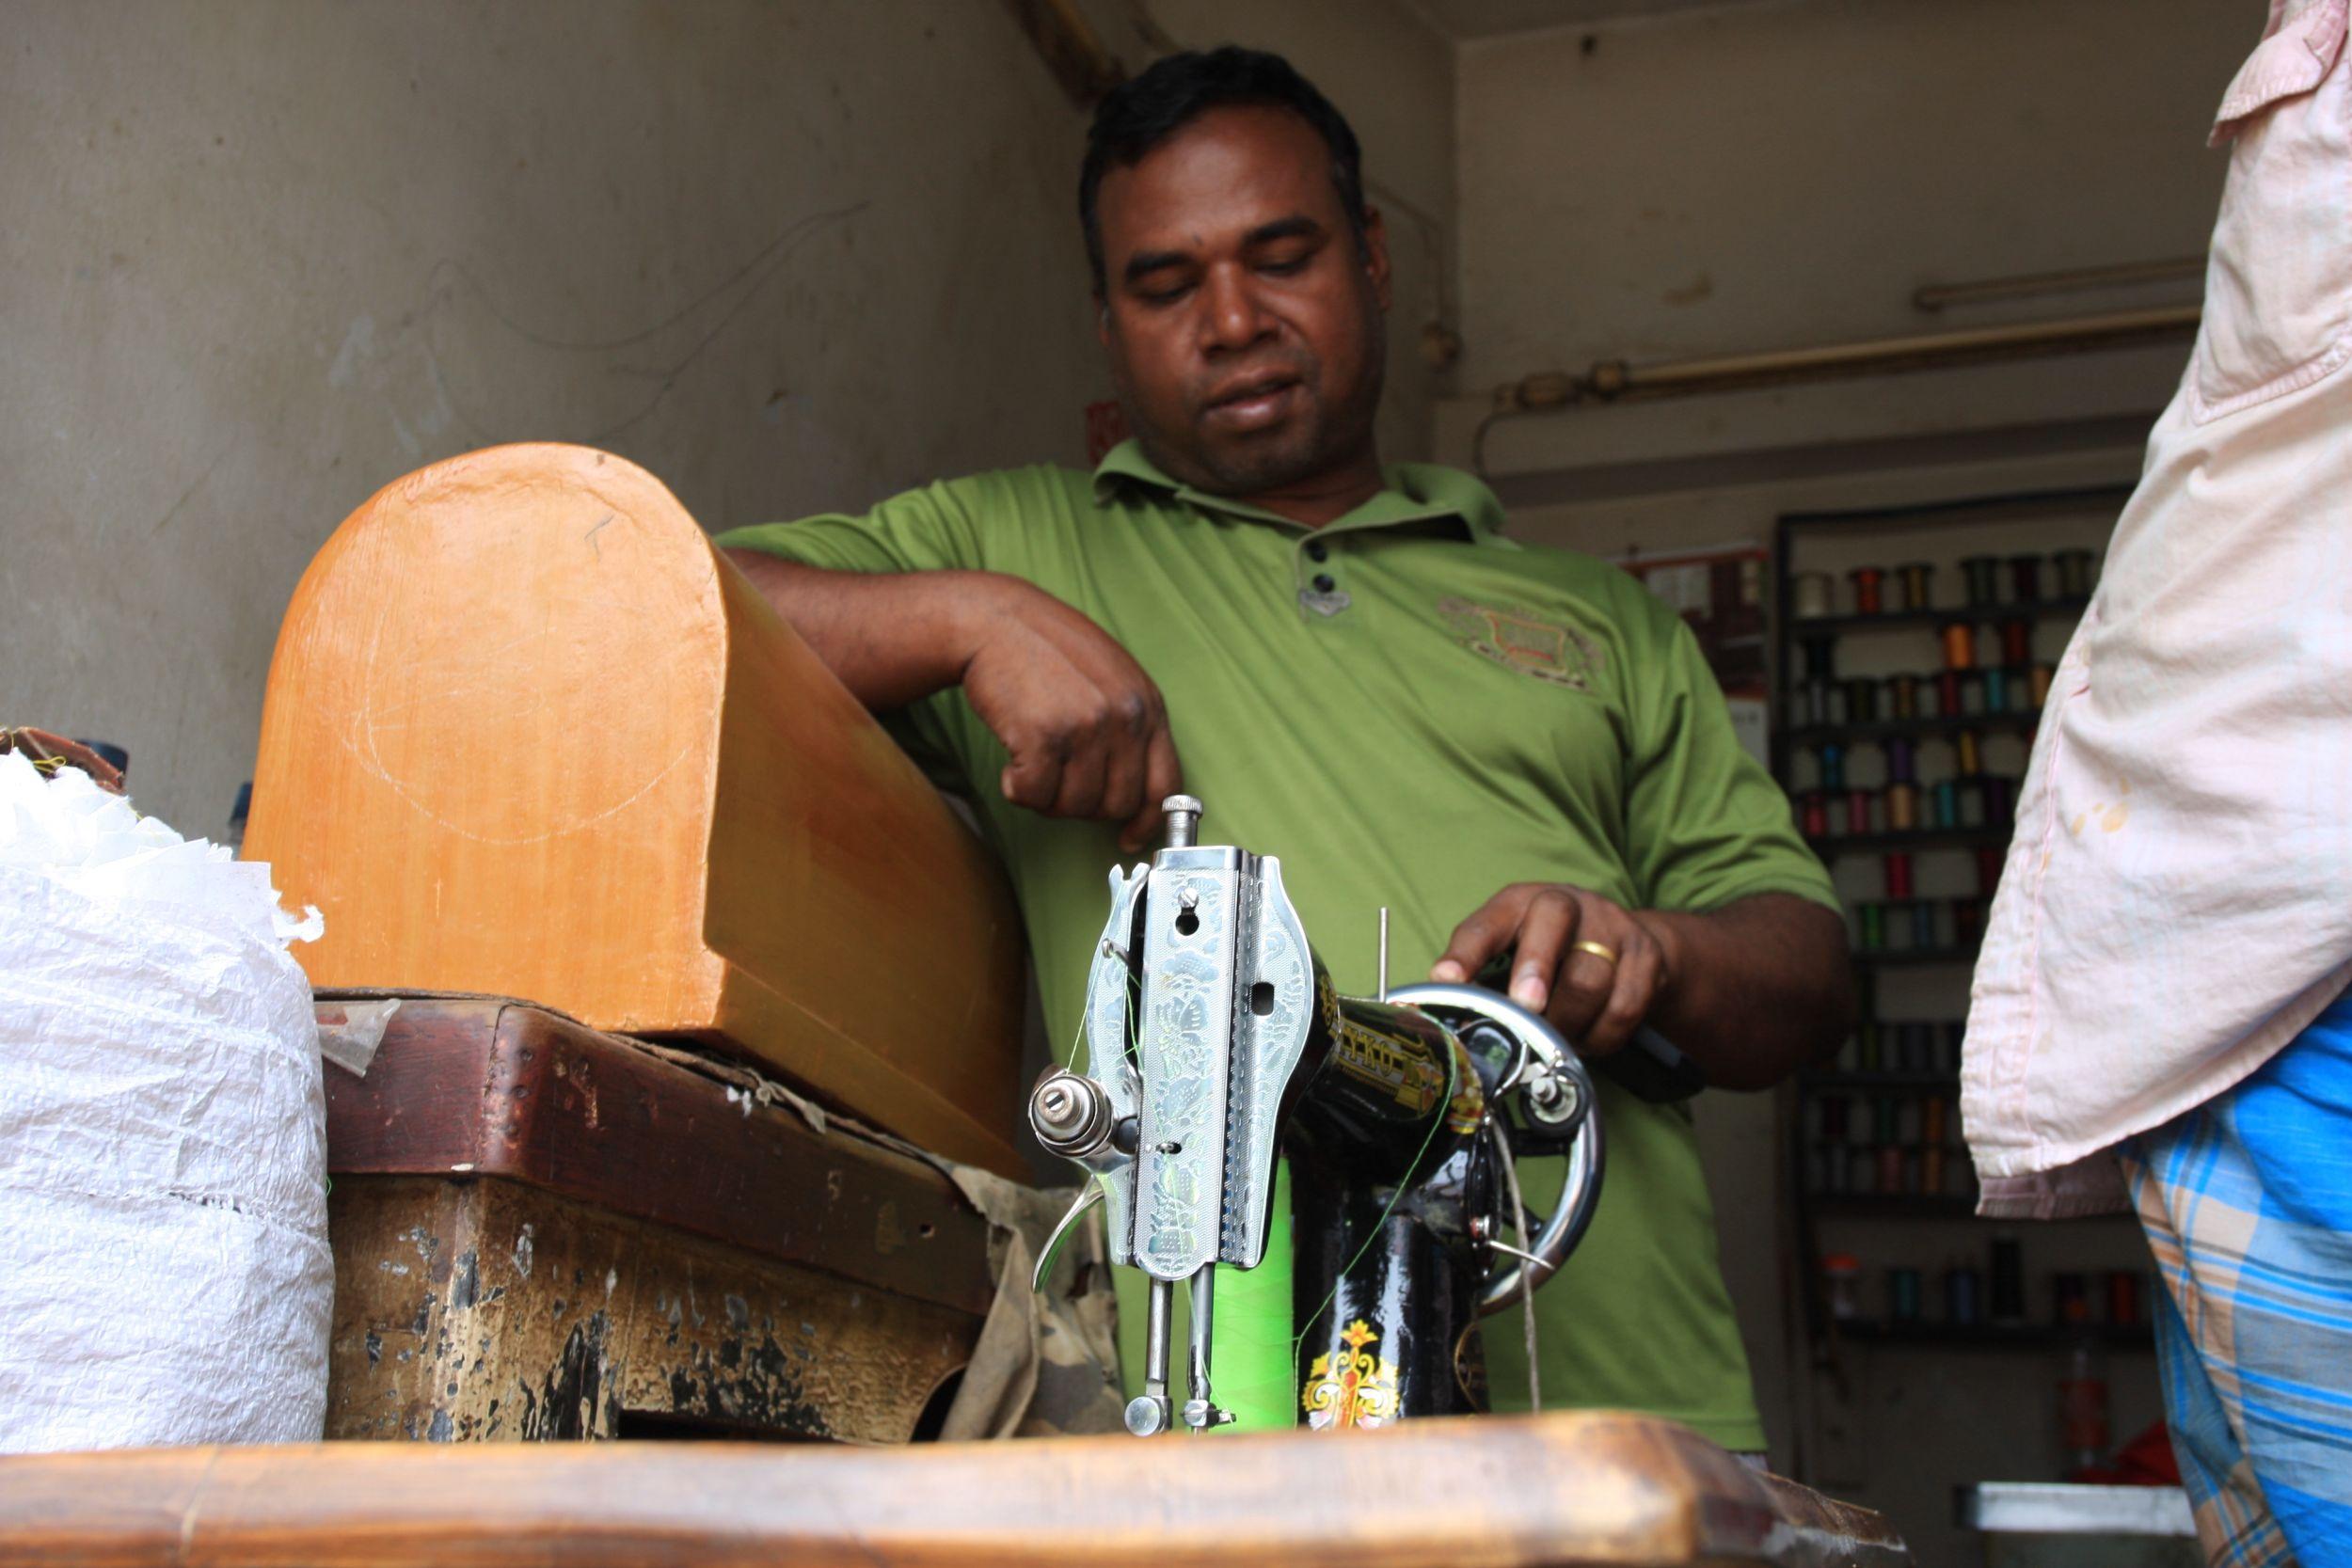 Wielkie fabryki podzlecają produkcję małym zakładom, te z kolei - warsztatom krawieckim (fot. Marek Rabij)